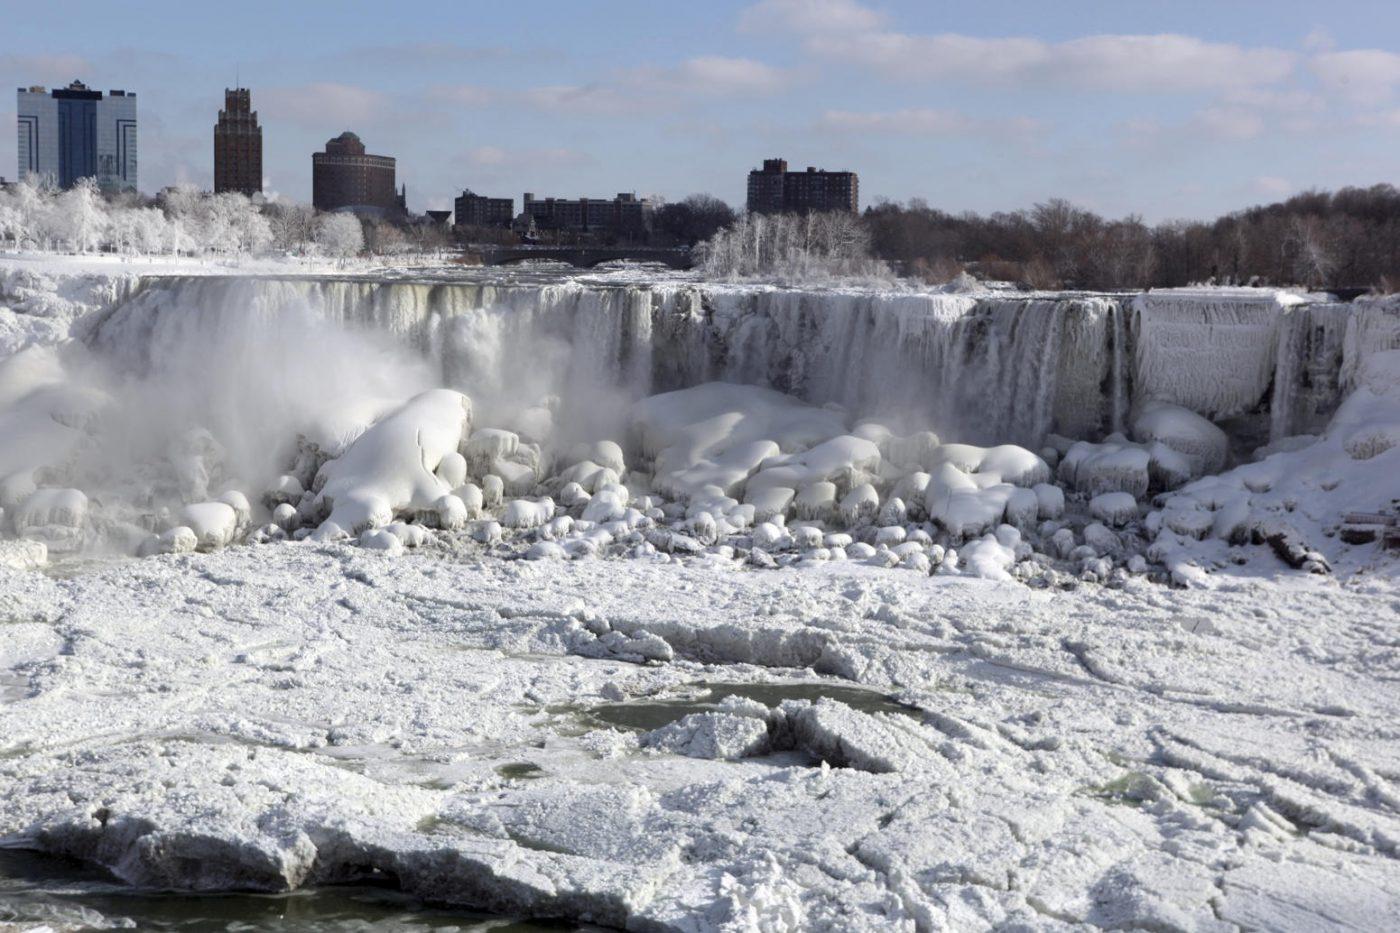 یخ زدن آبشار نیاگارا - یخزدگی بخشهایی از آبشار نیاگارا